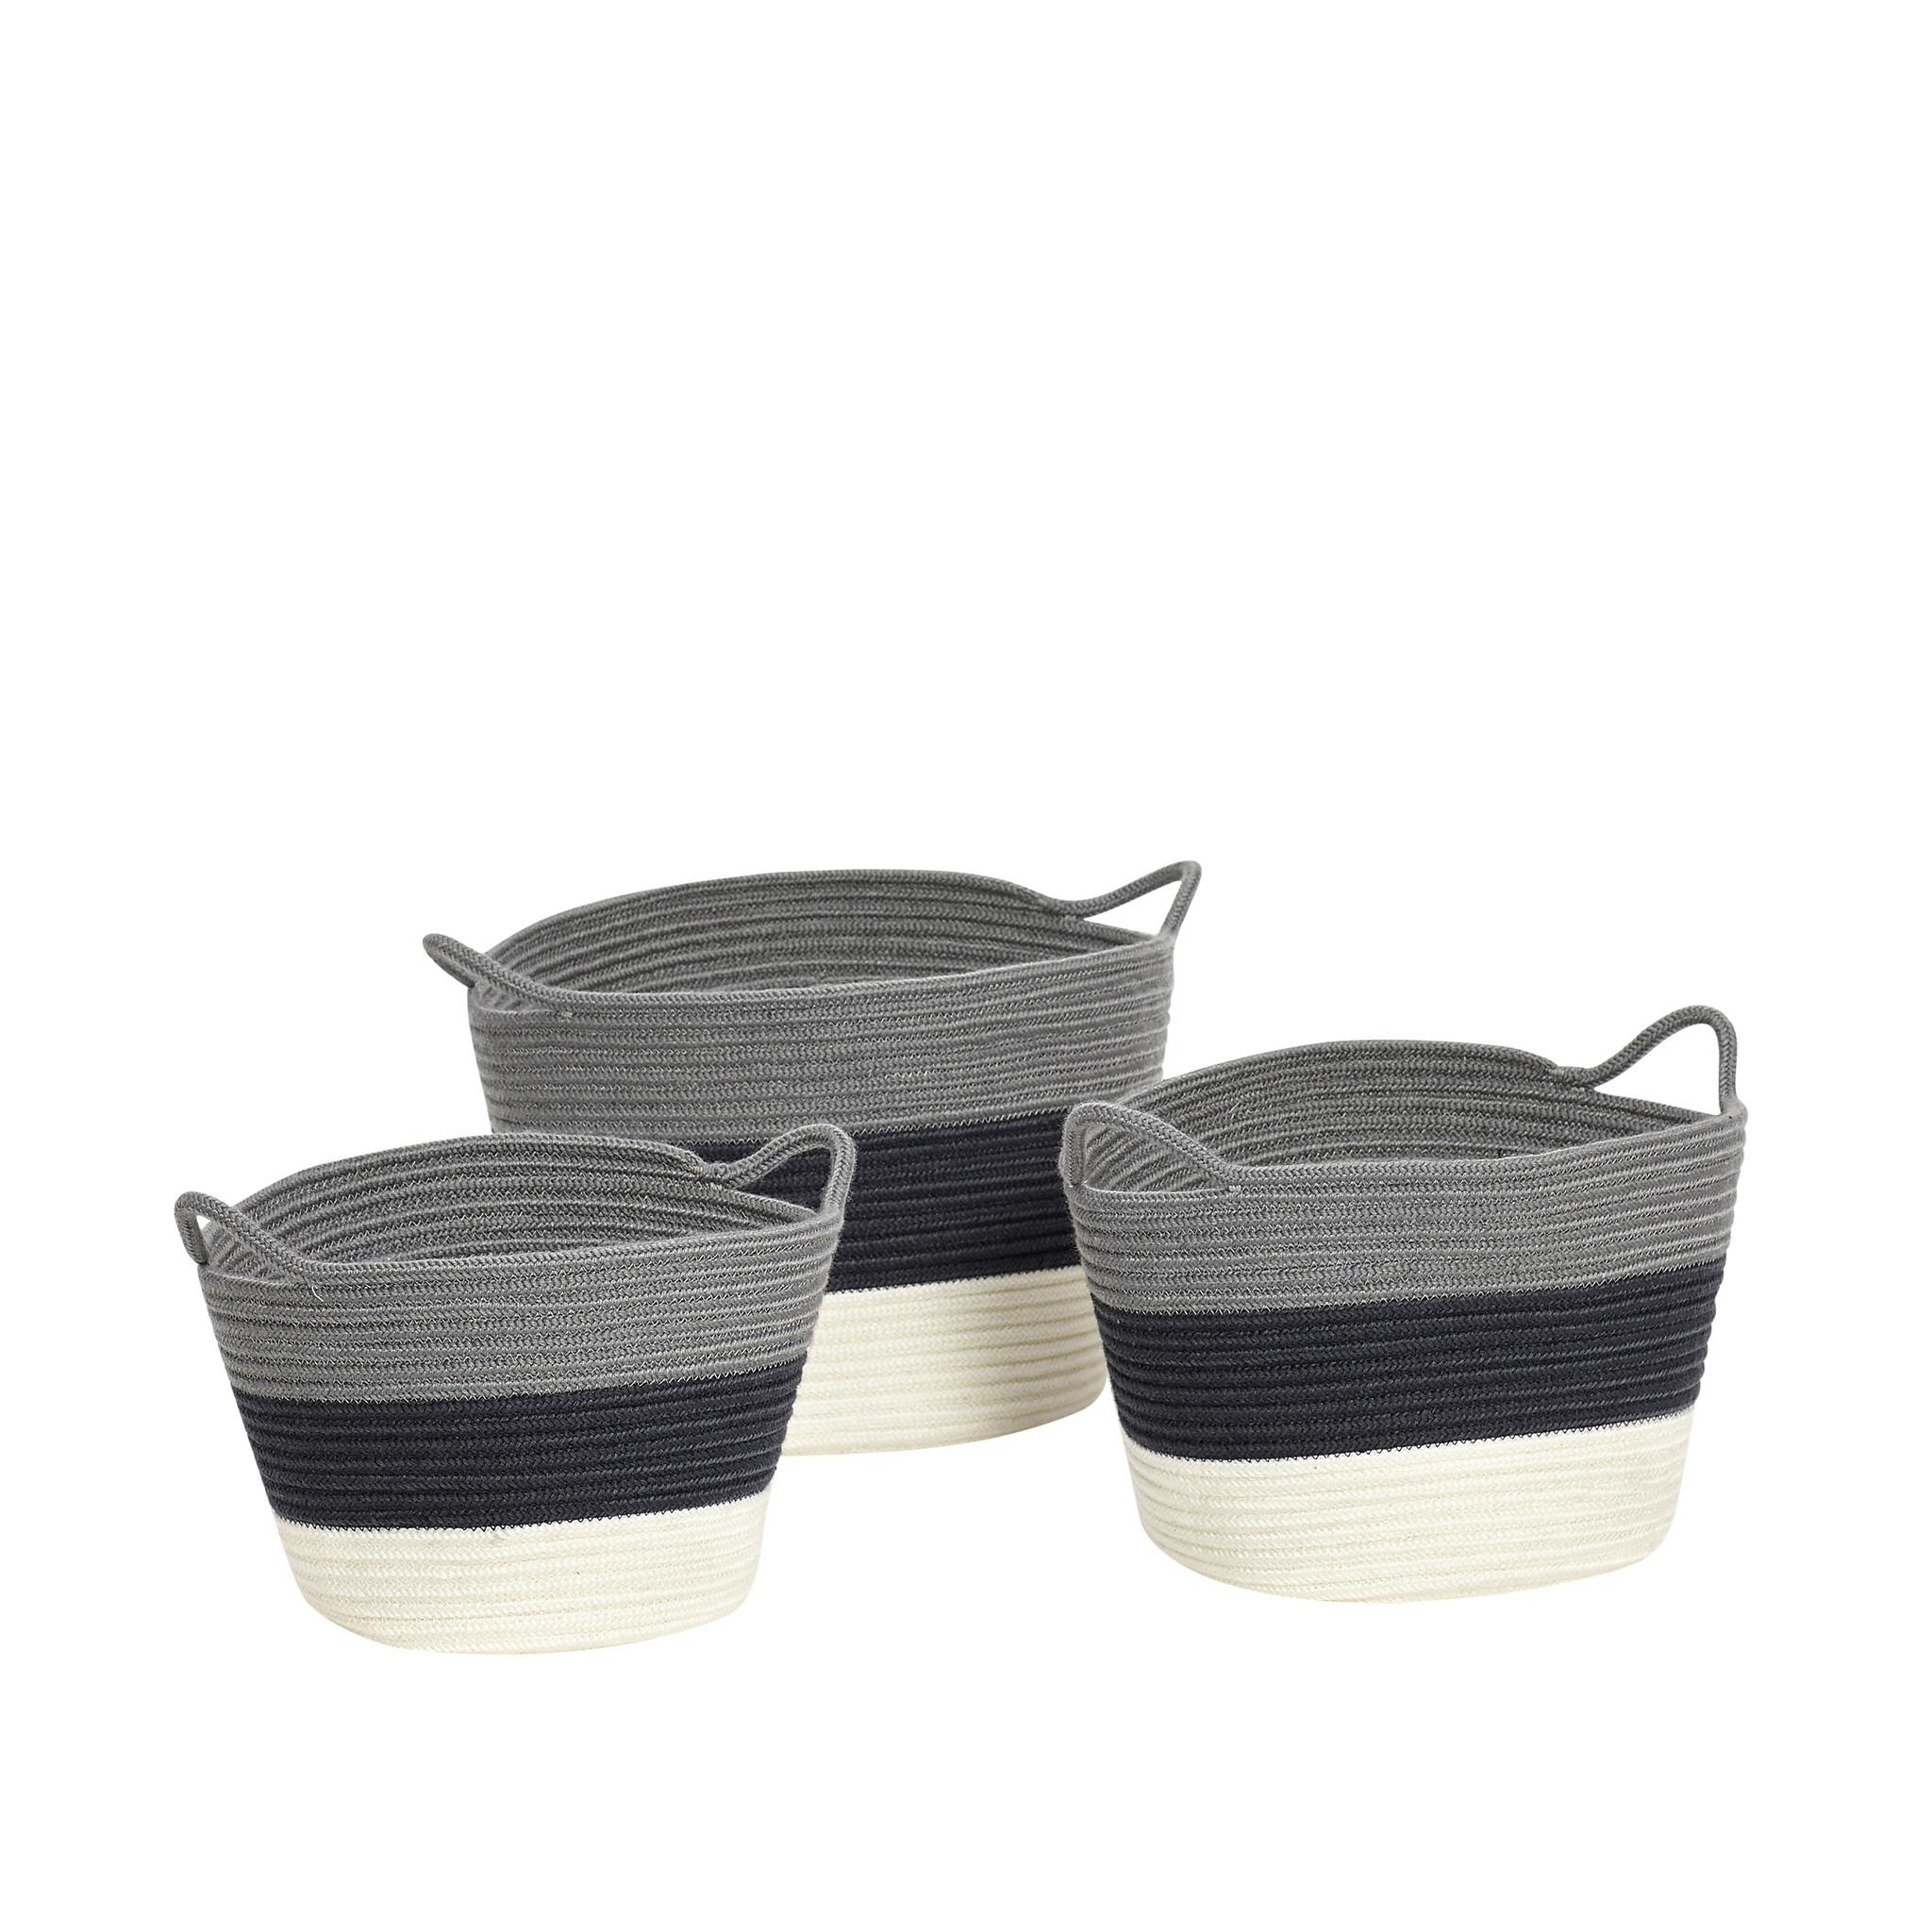 Hubsch Mand, gebreid, grijset van marineblauw / wit, set van 3-849001-5712772044230